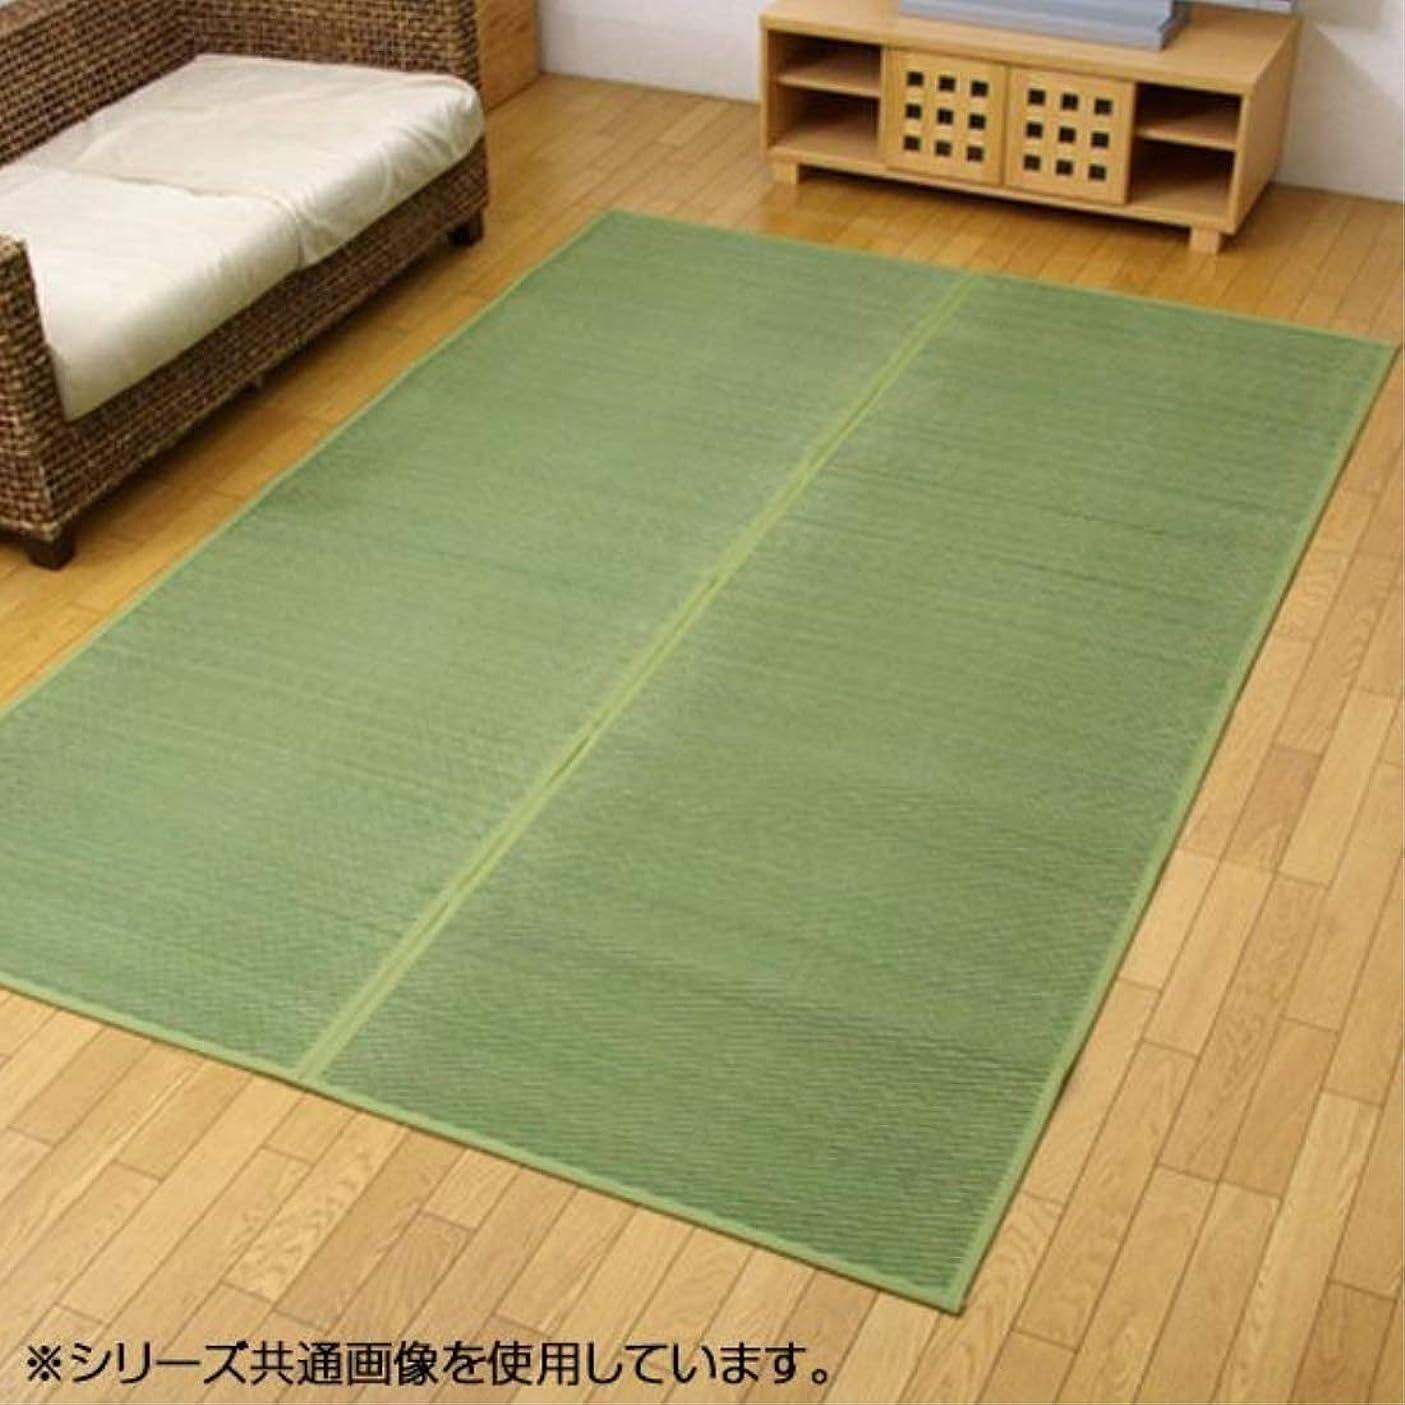 無意味黒くするフルートカーペット?ラグ 角型 関連 い草花ござカーペット ラグ グリーン 本間6畳(約286.5×382cm)